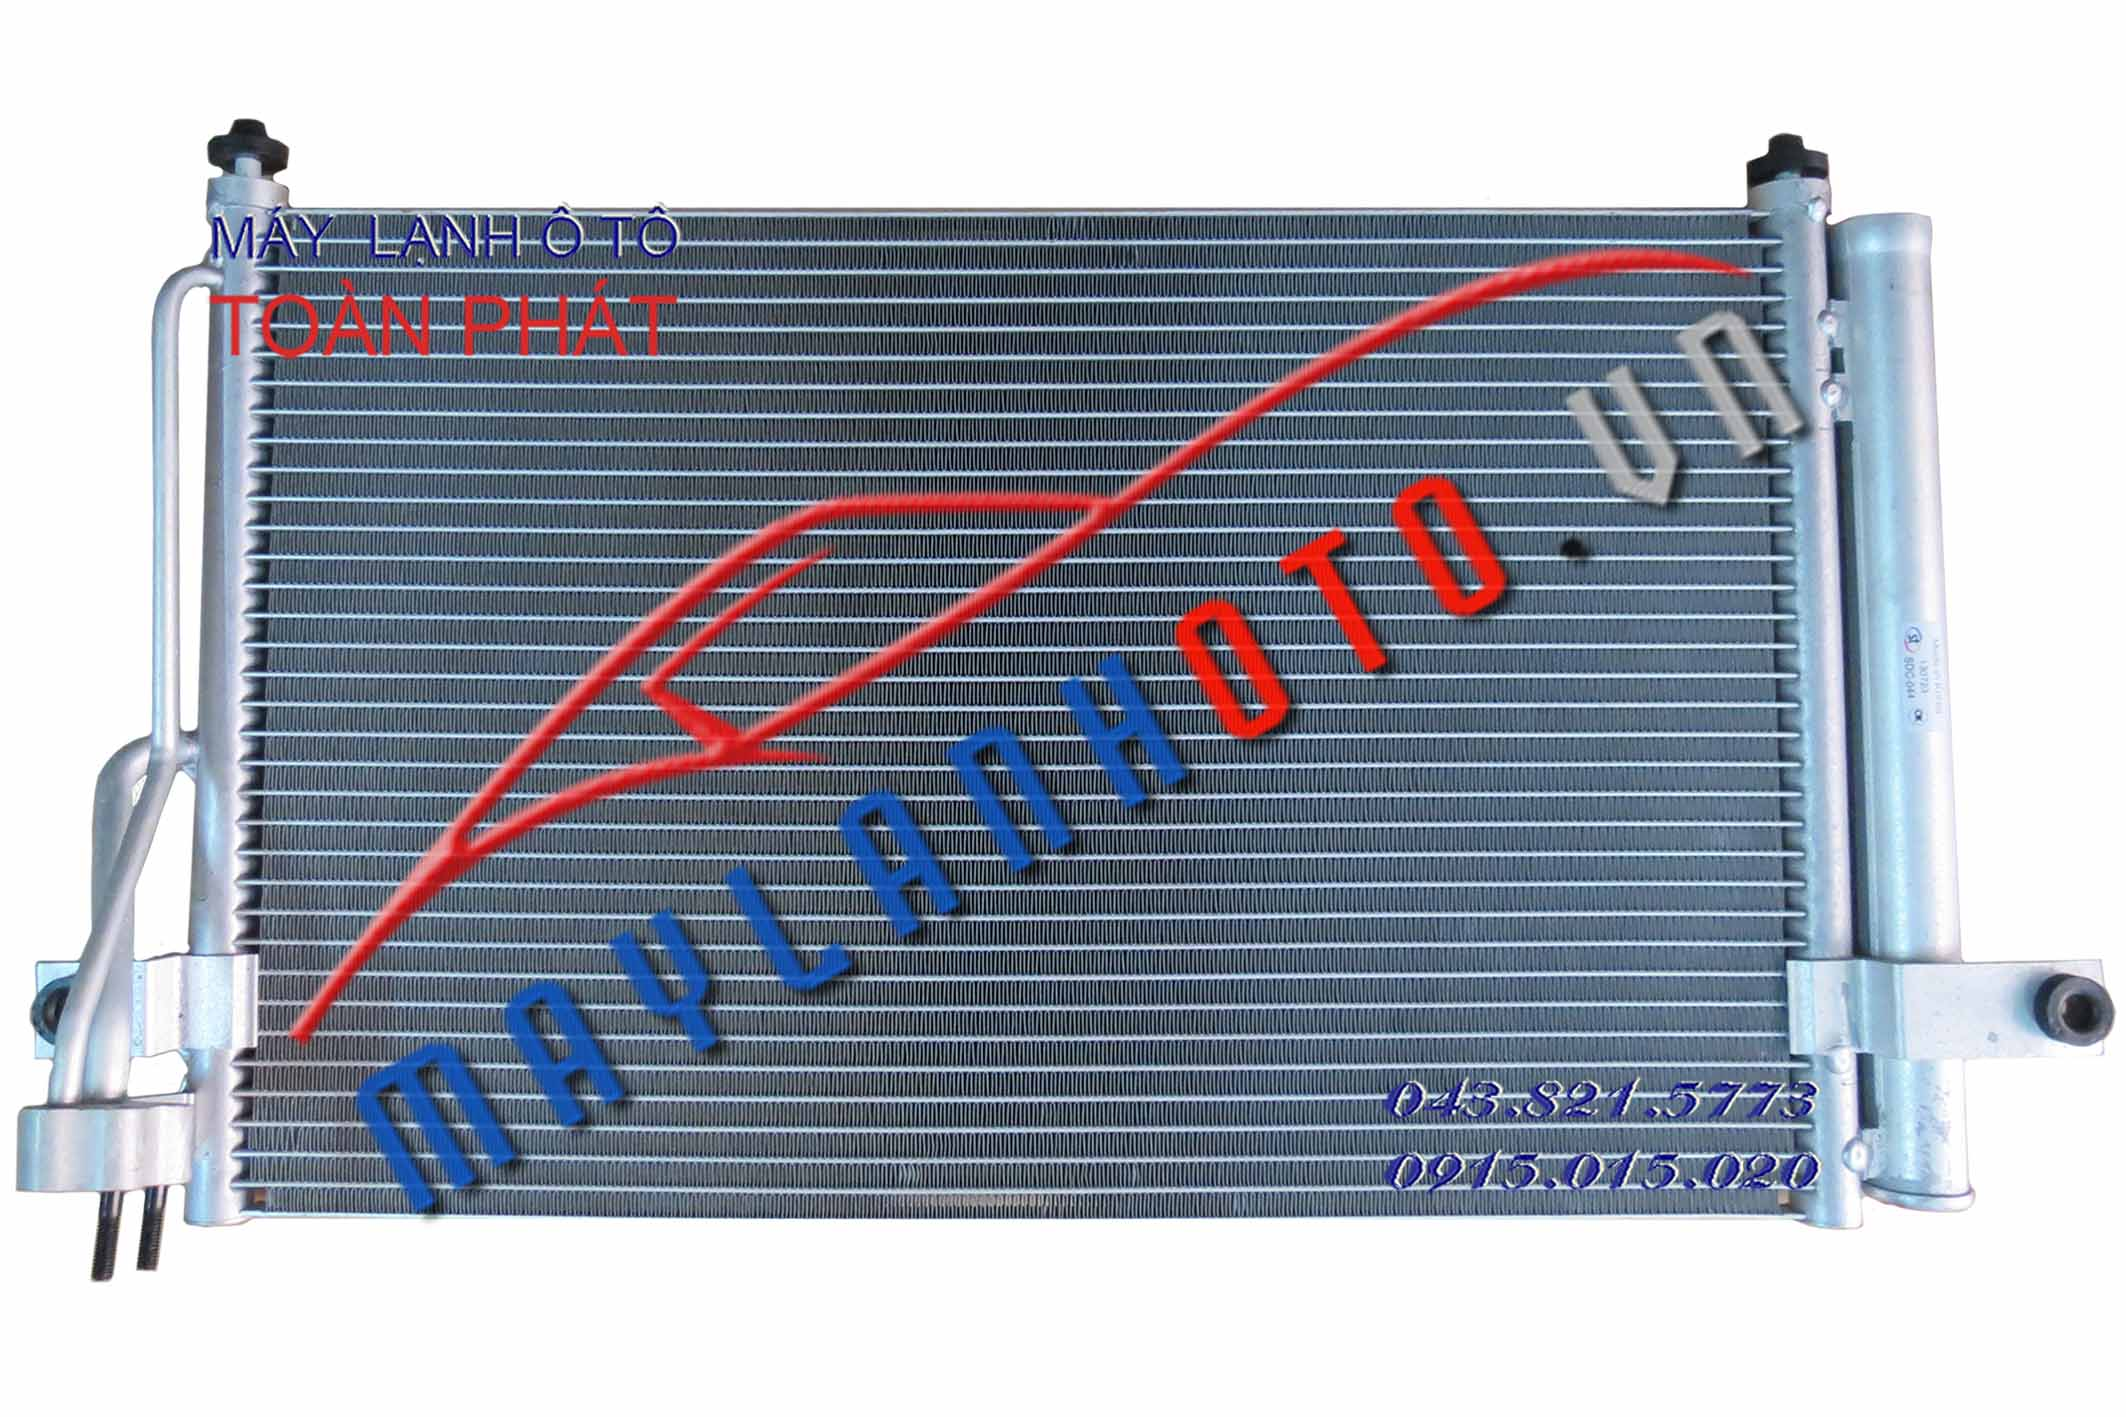 Getz (phin liền) / Giàn nóng điều hòa Hyundai Getz / Dàn nóng điều hòa Hyundai Getz